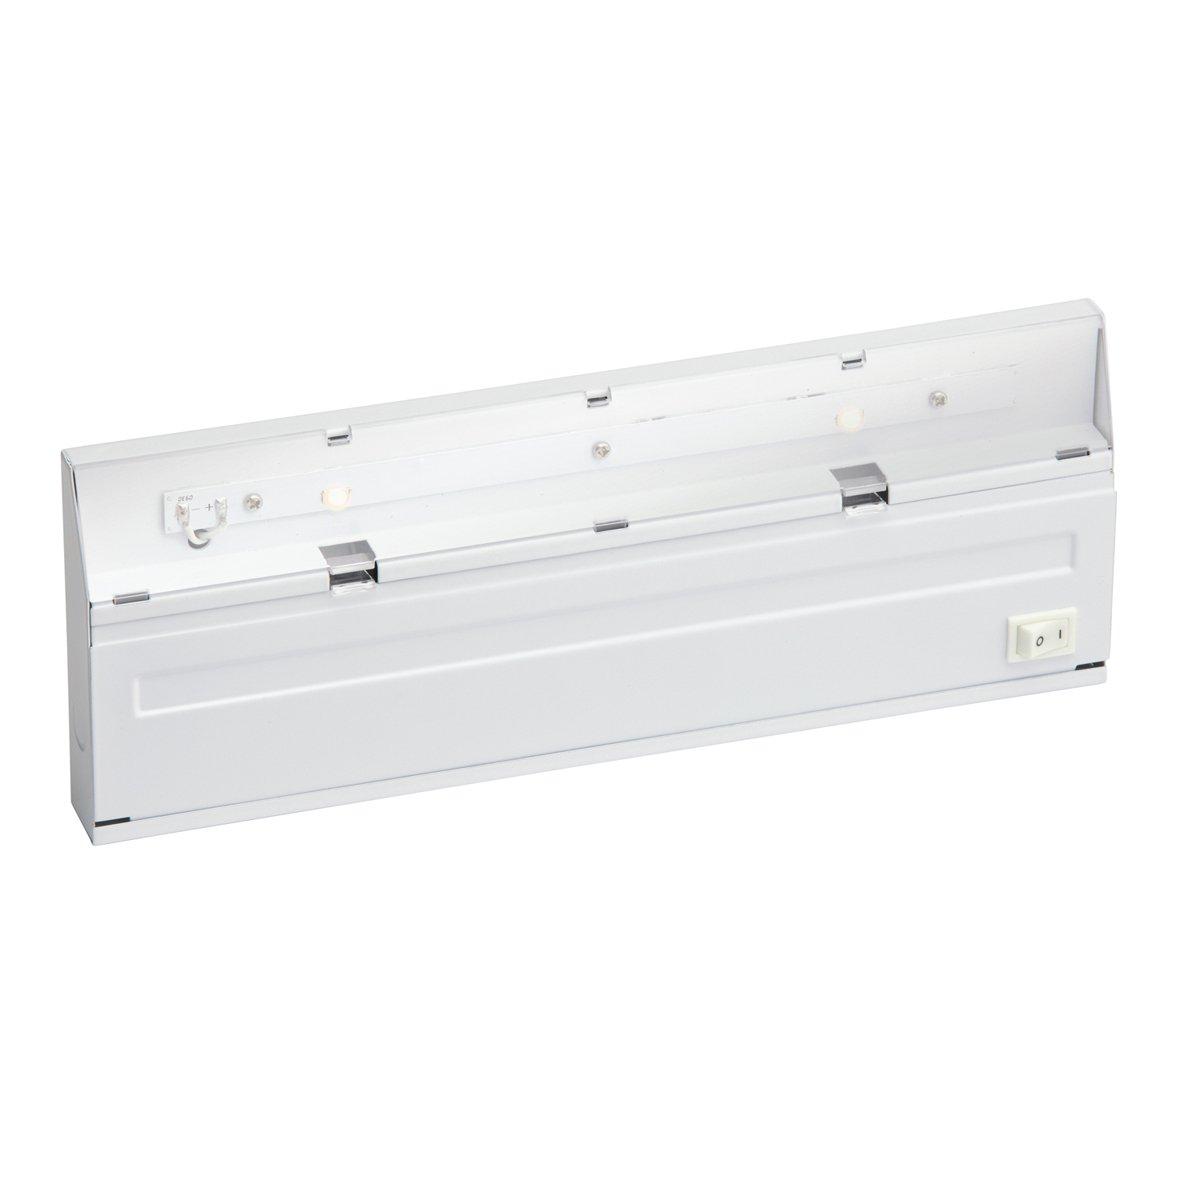 Kichler 12057BZ Cabinet Strip/Bar Light - Under Counter Fixtures ...